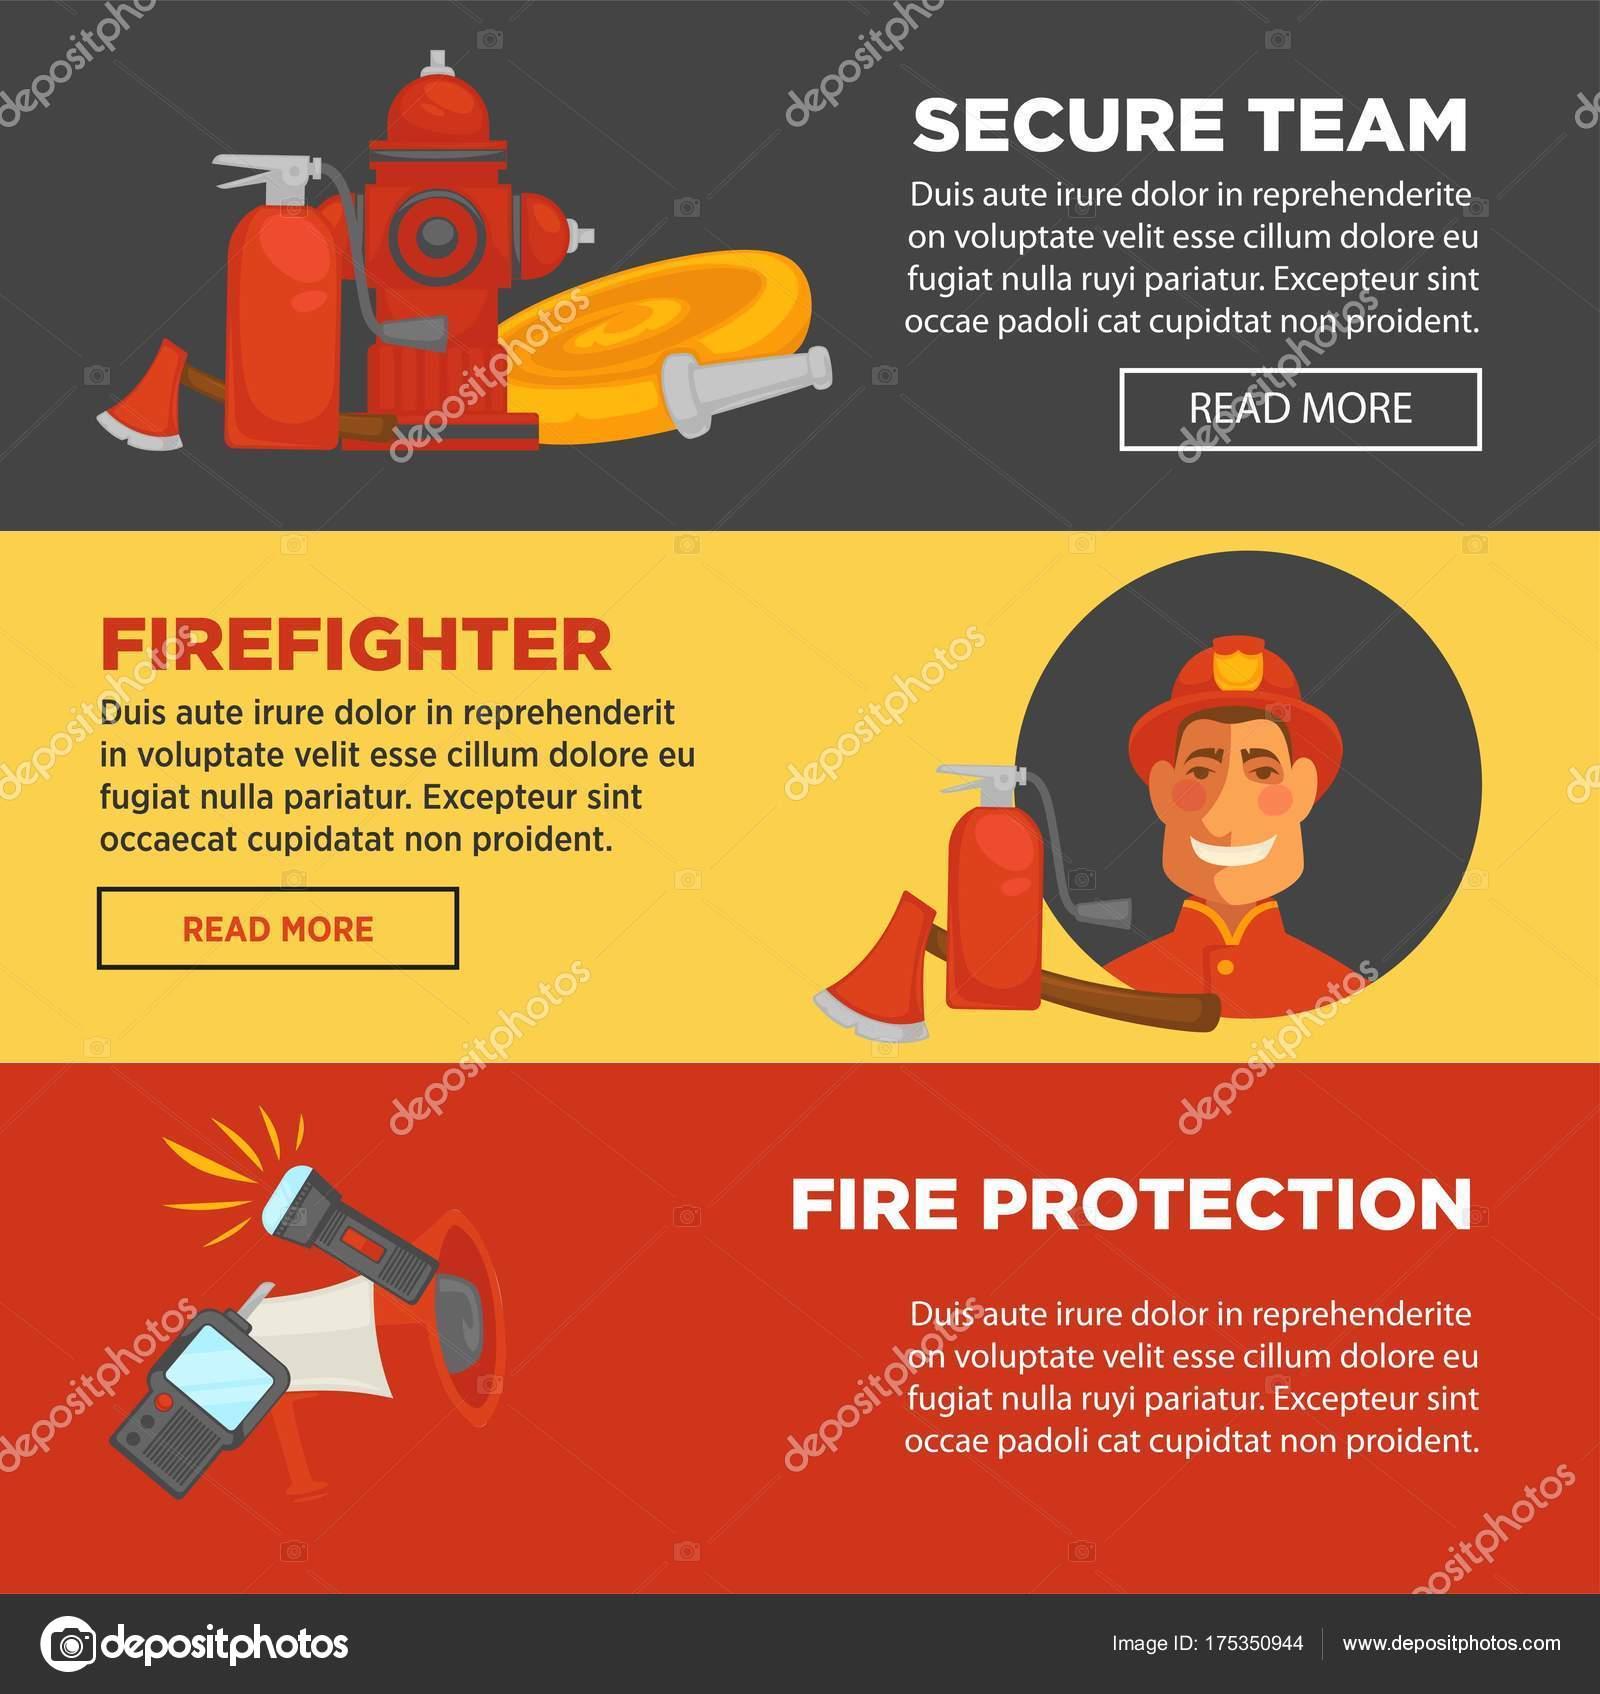 Protección Contra Incendios Equipo Bombero Incendios Seguridad Web ...